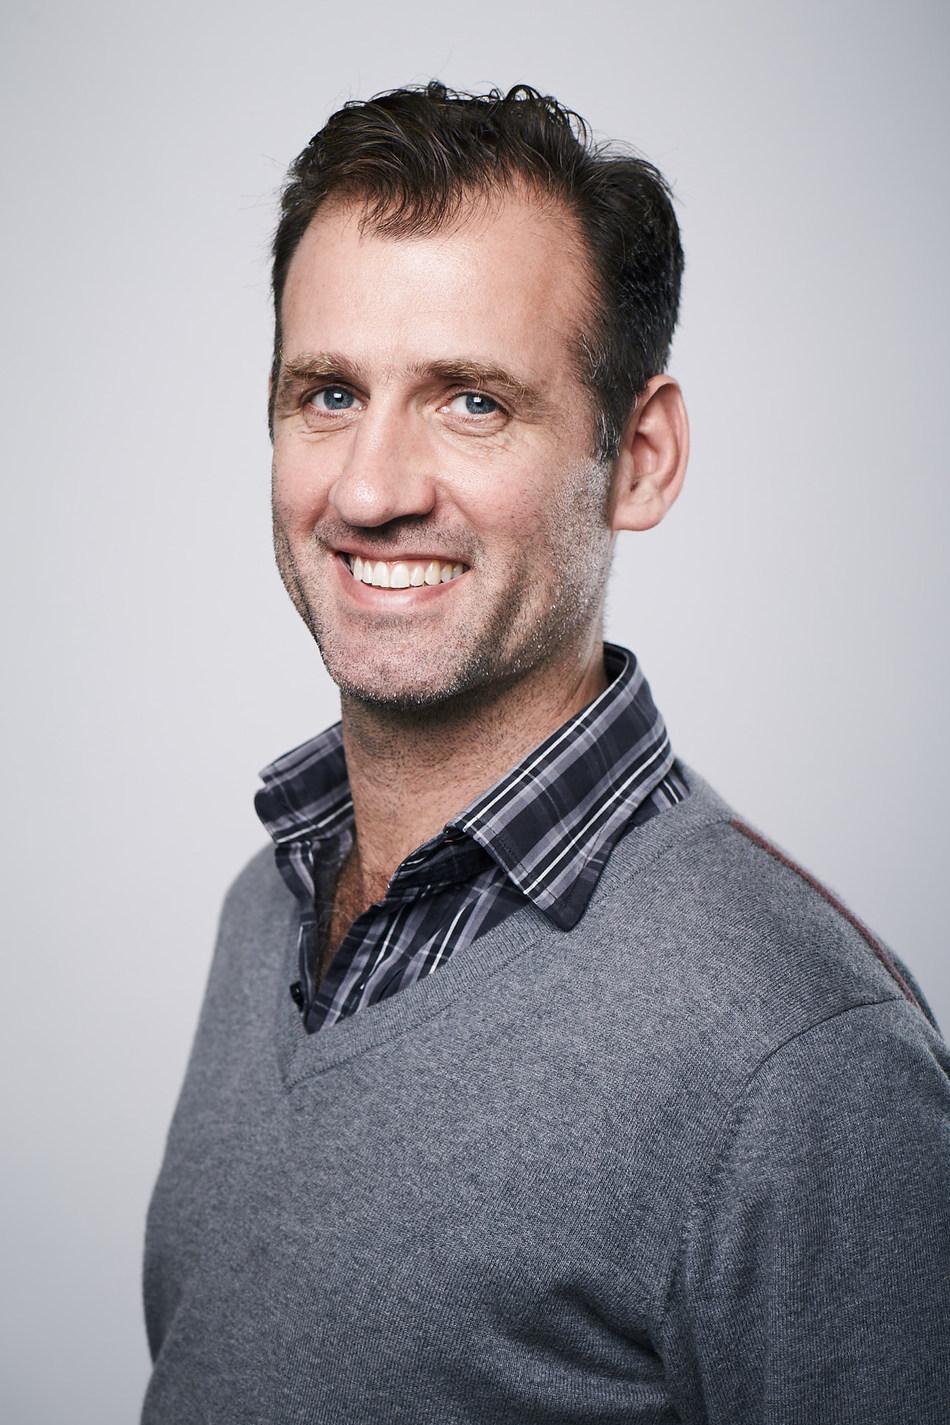 VP of Sales, UK Shaun Jordan